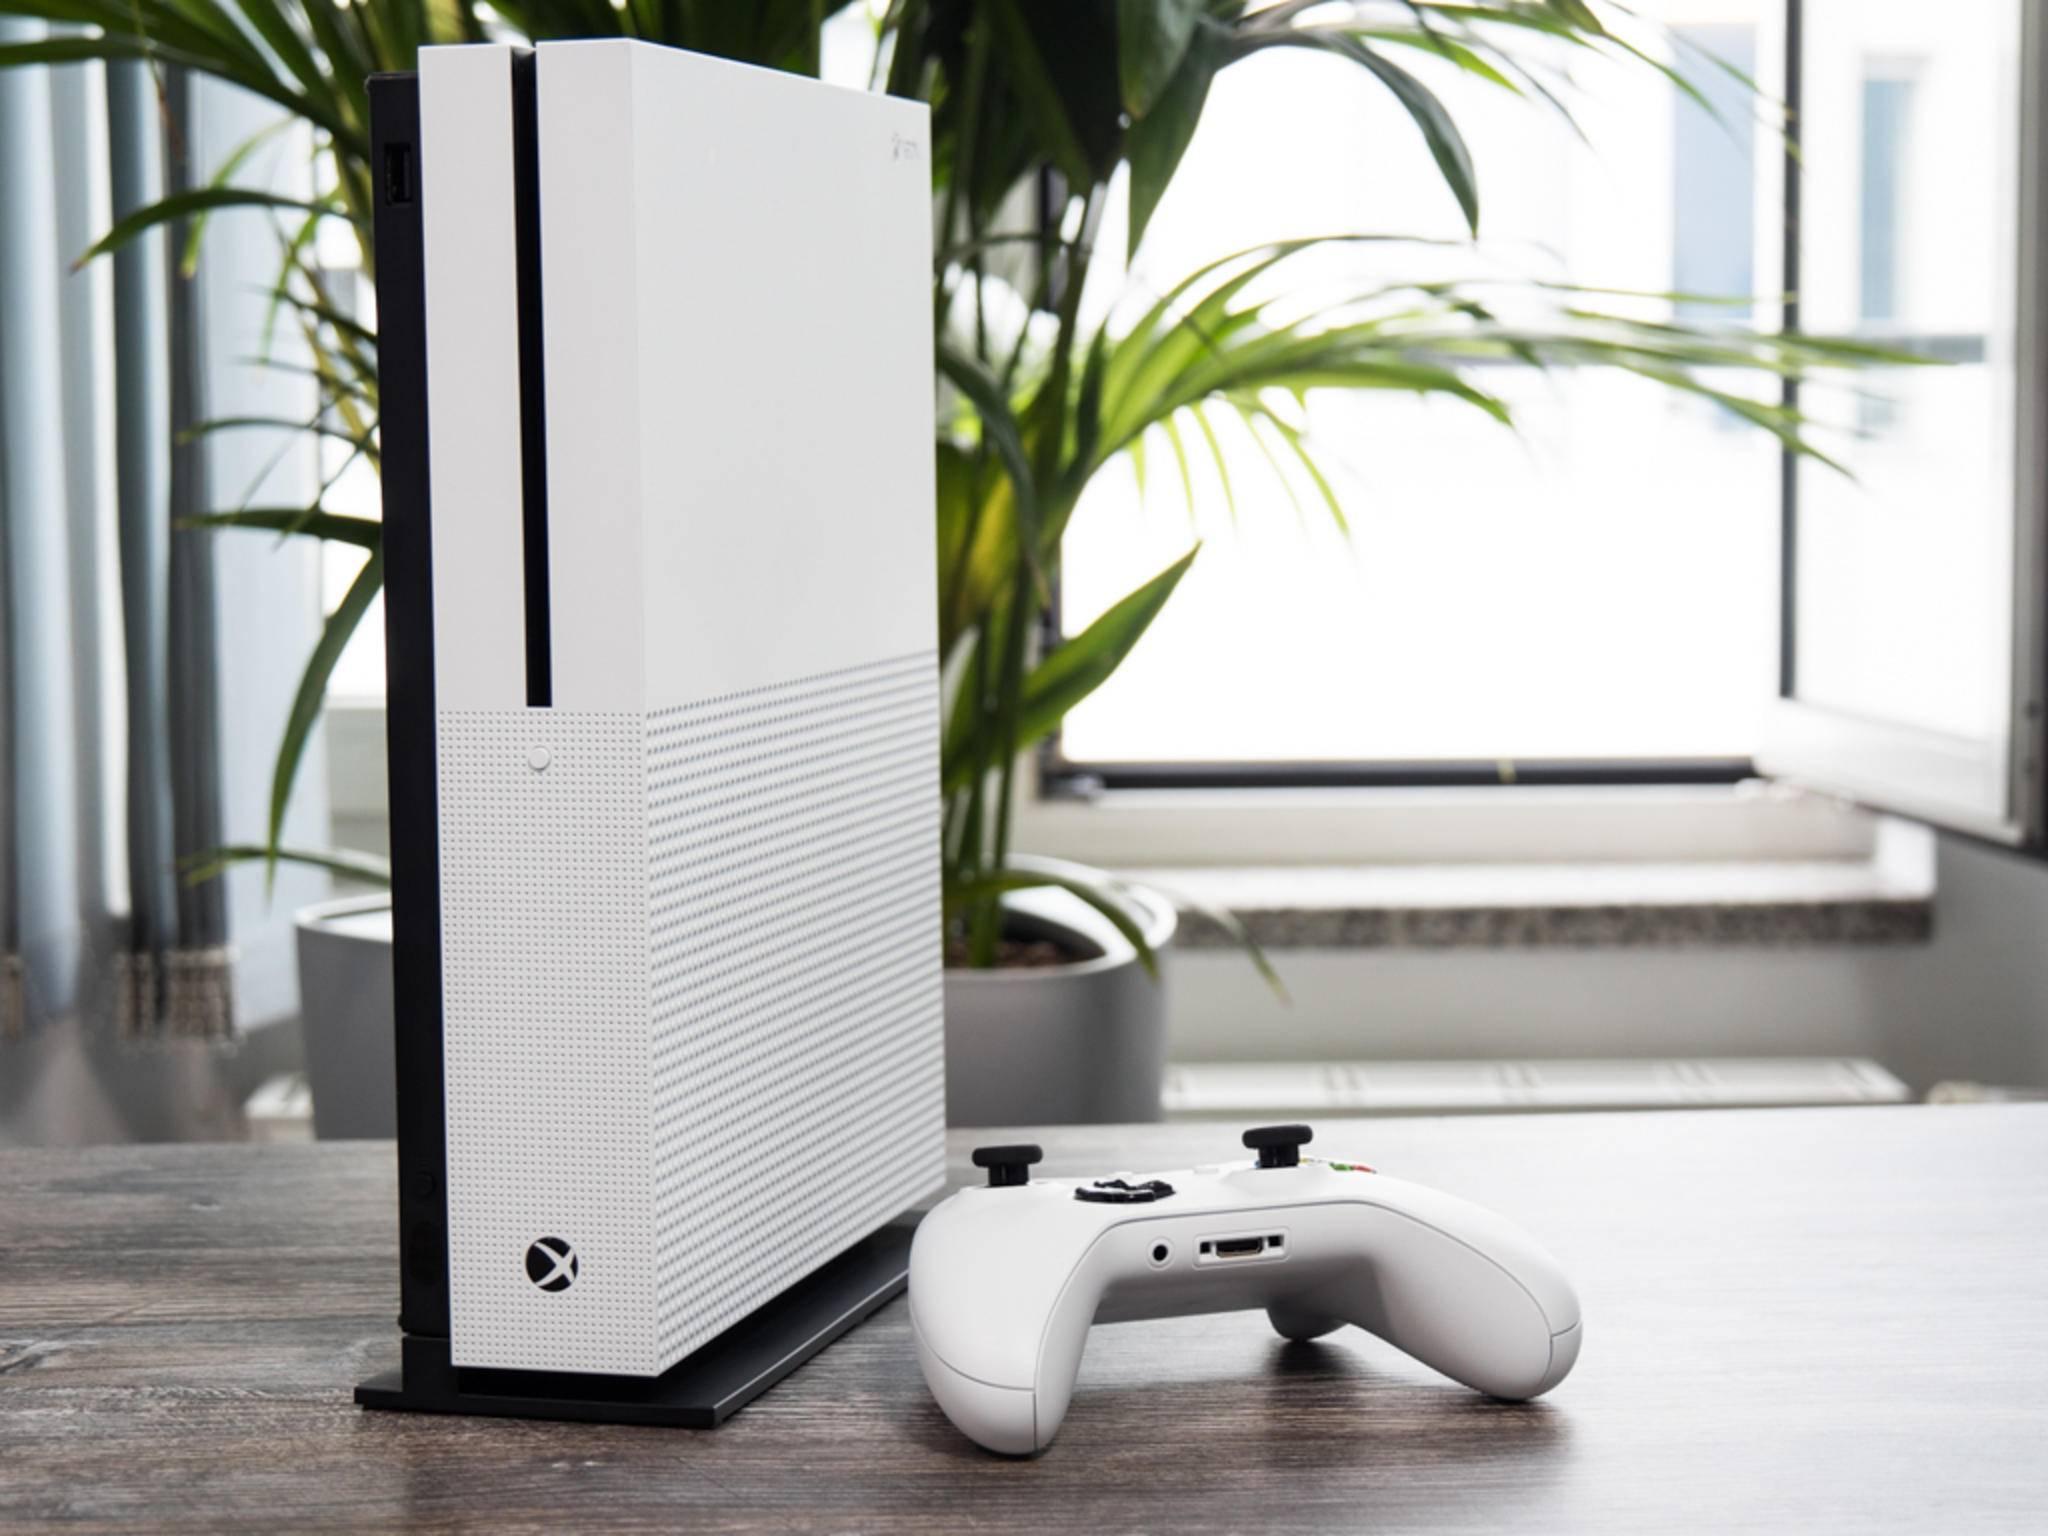 Mit der Xbox One S hat Microsoft die Konsole endlich zur Vollendung gebracht.